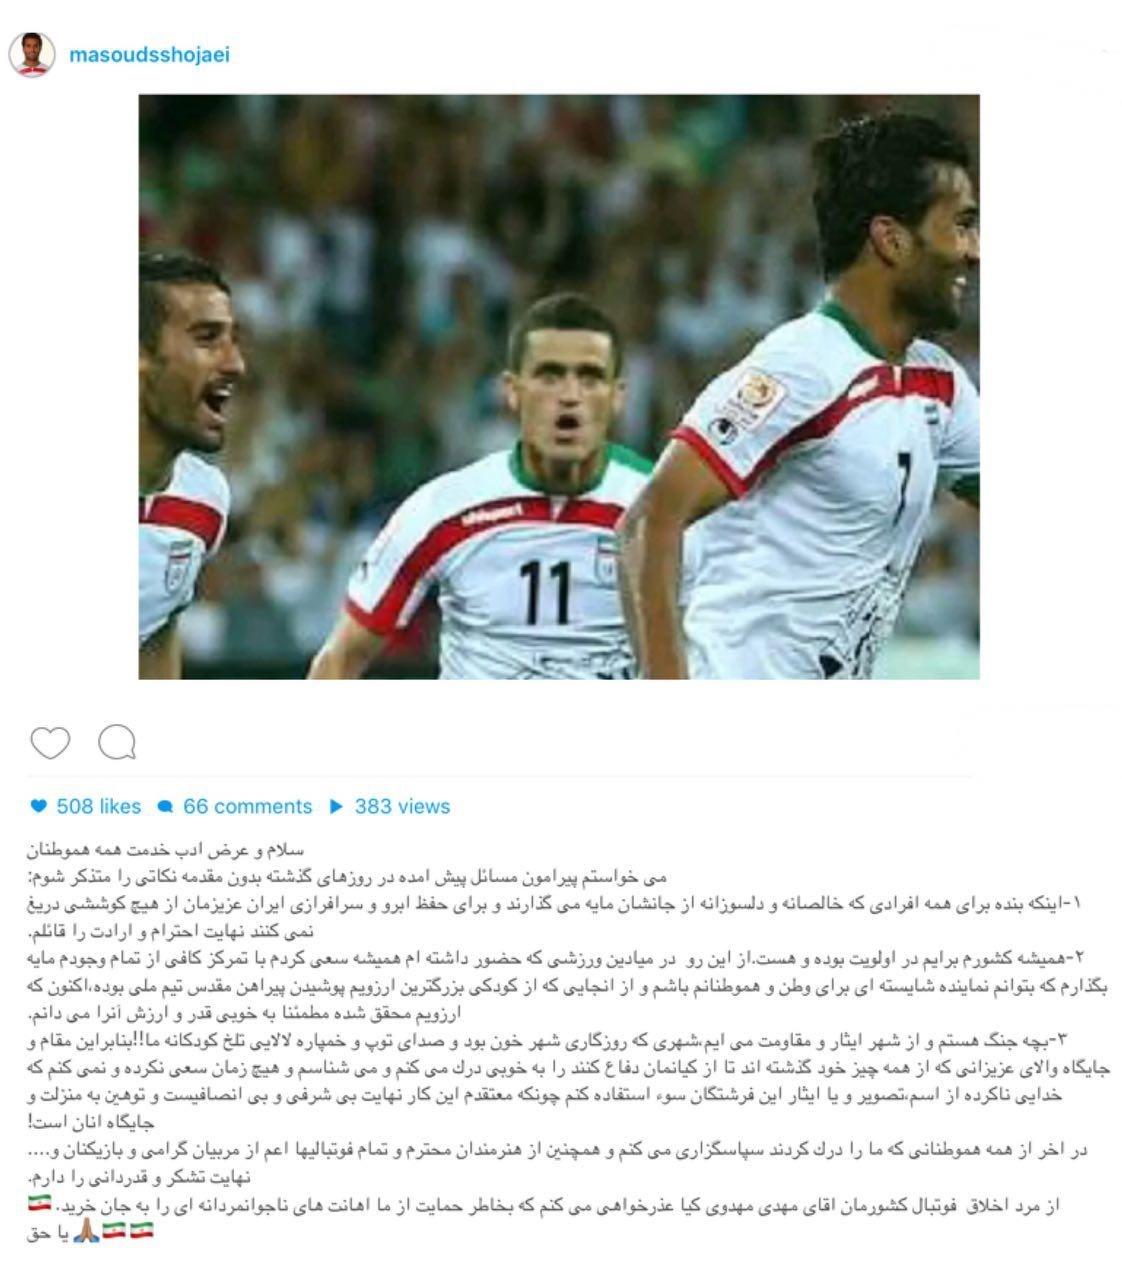 سکوت مسعود شجاعی هم شکسته شد